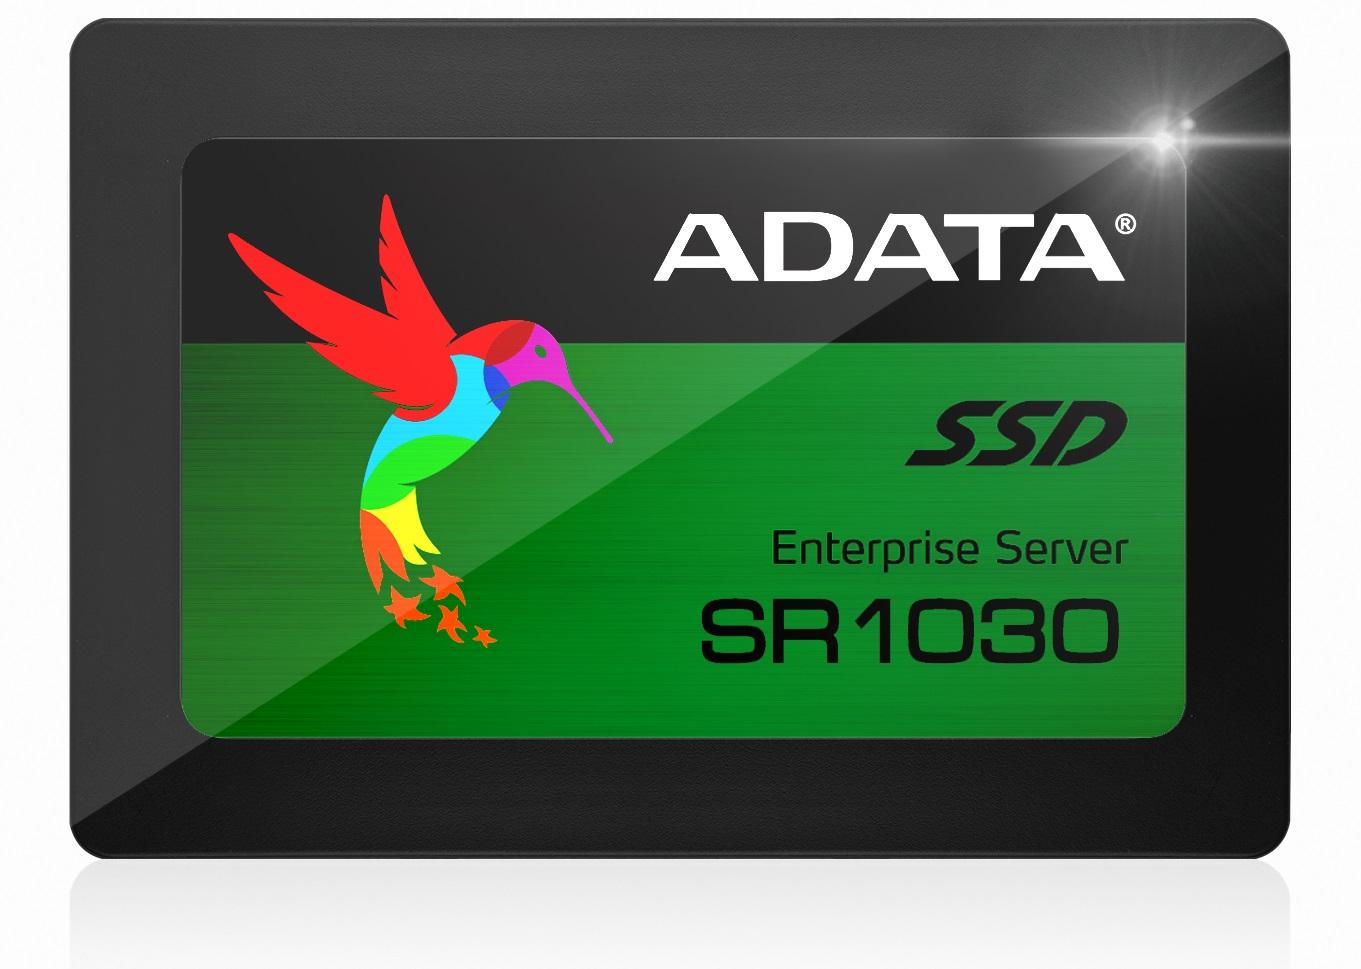 ADATA SR1030 Enterprise SSD